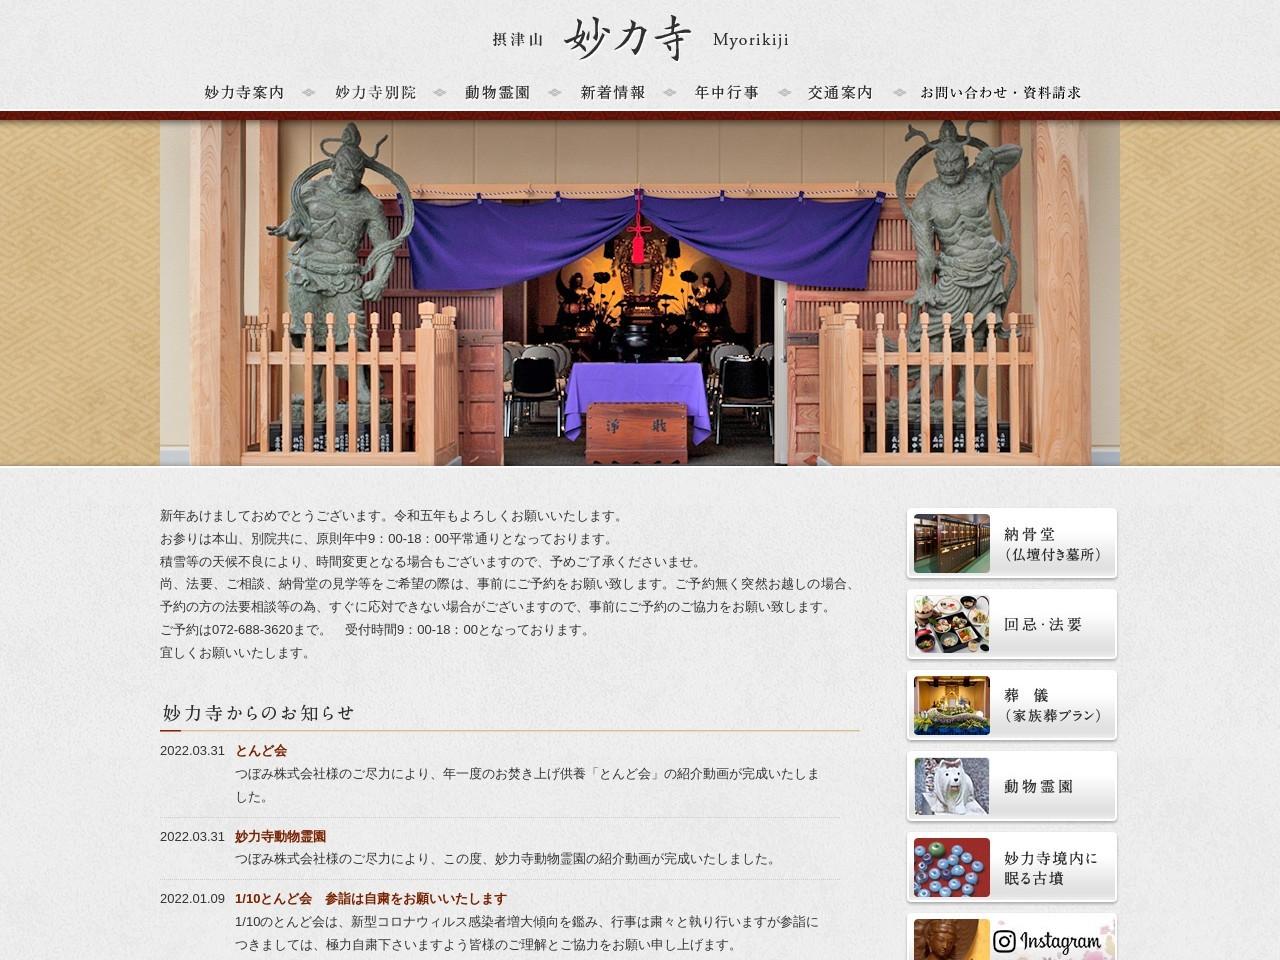 宗教法人妙力寺動物霊園